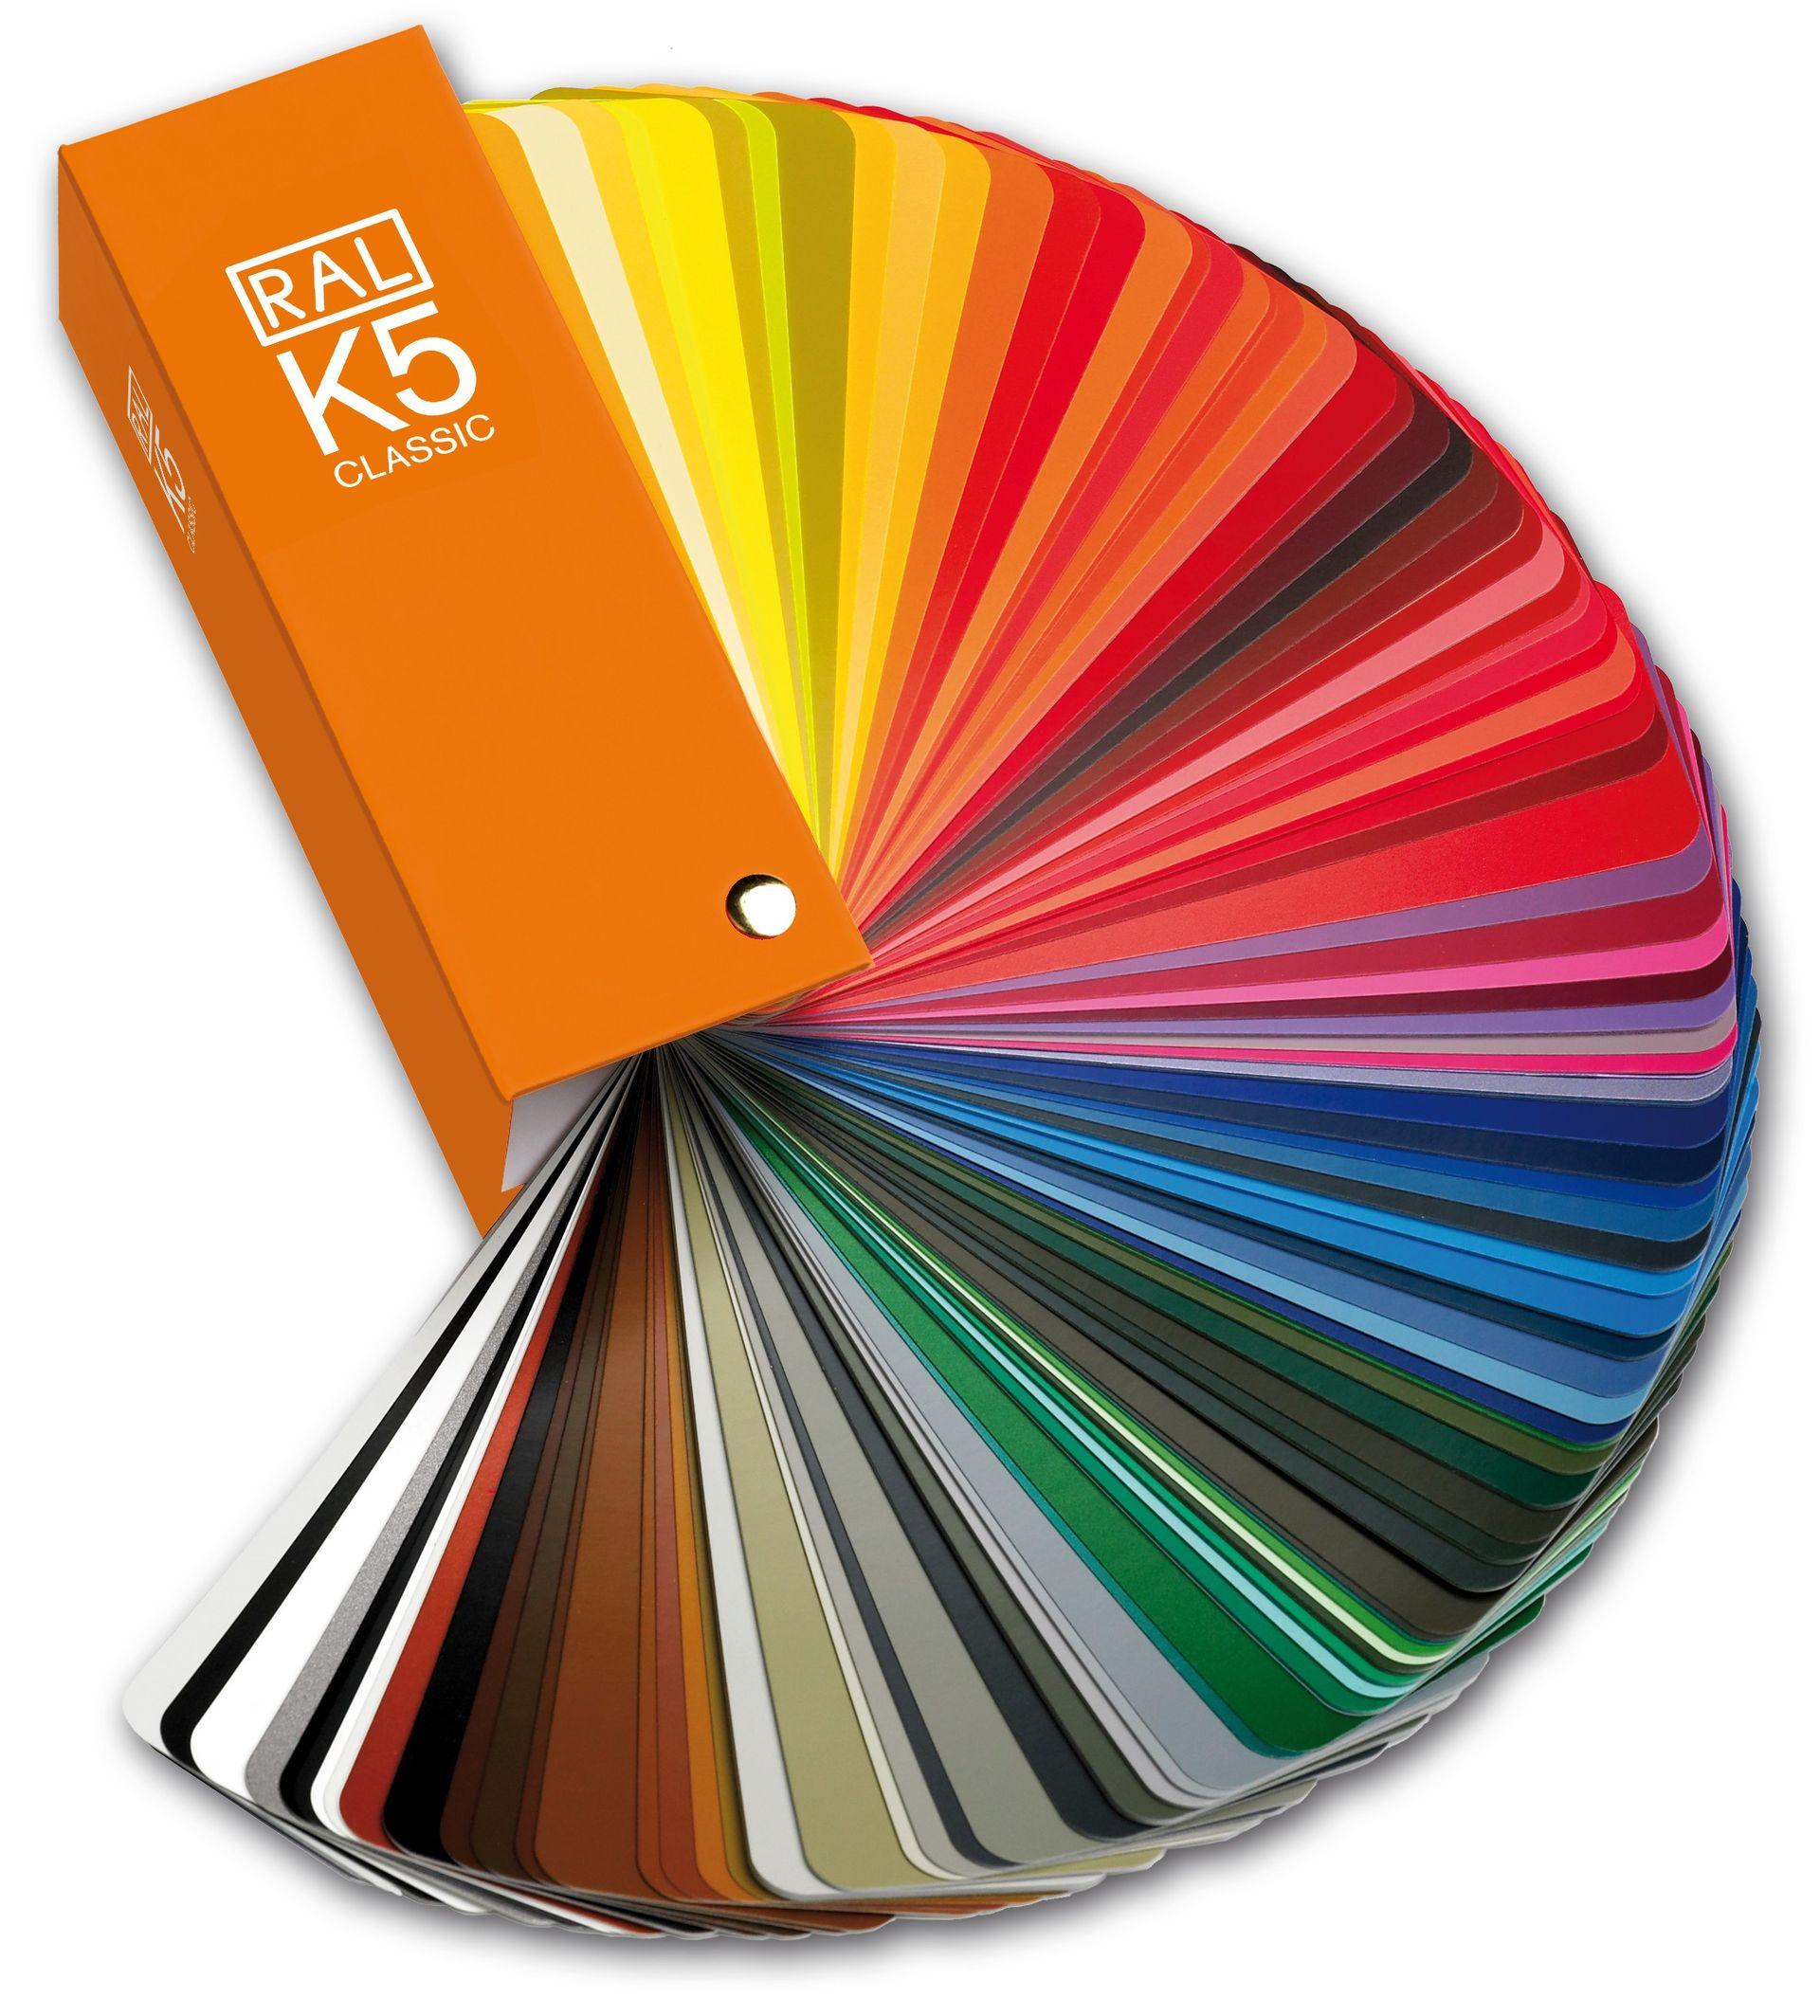 Farbe Aus Was: Wikipedia